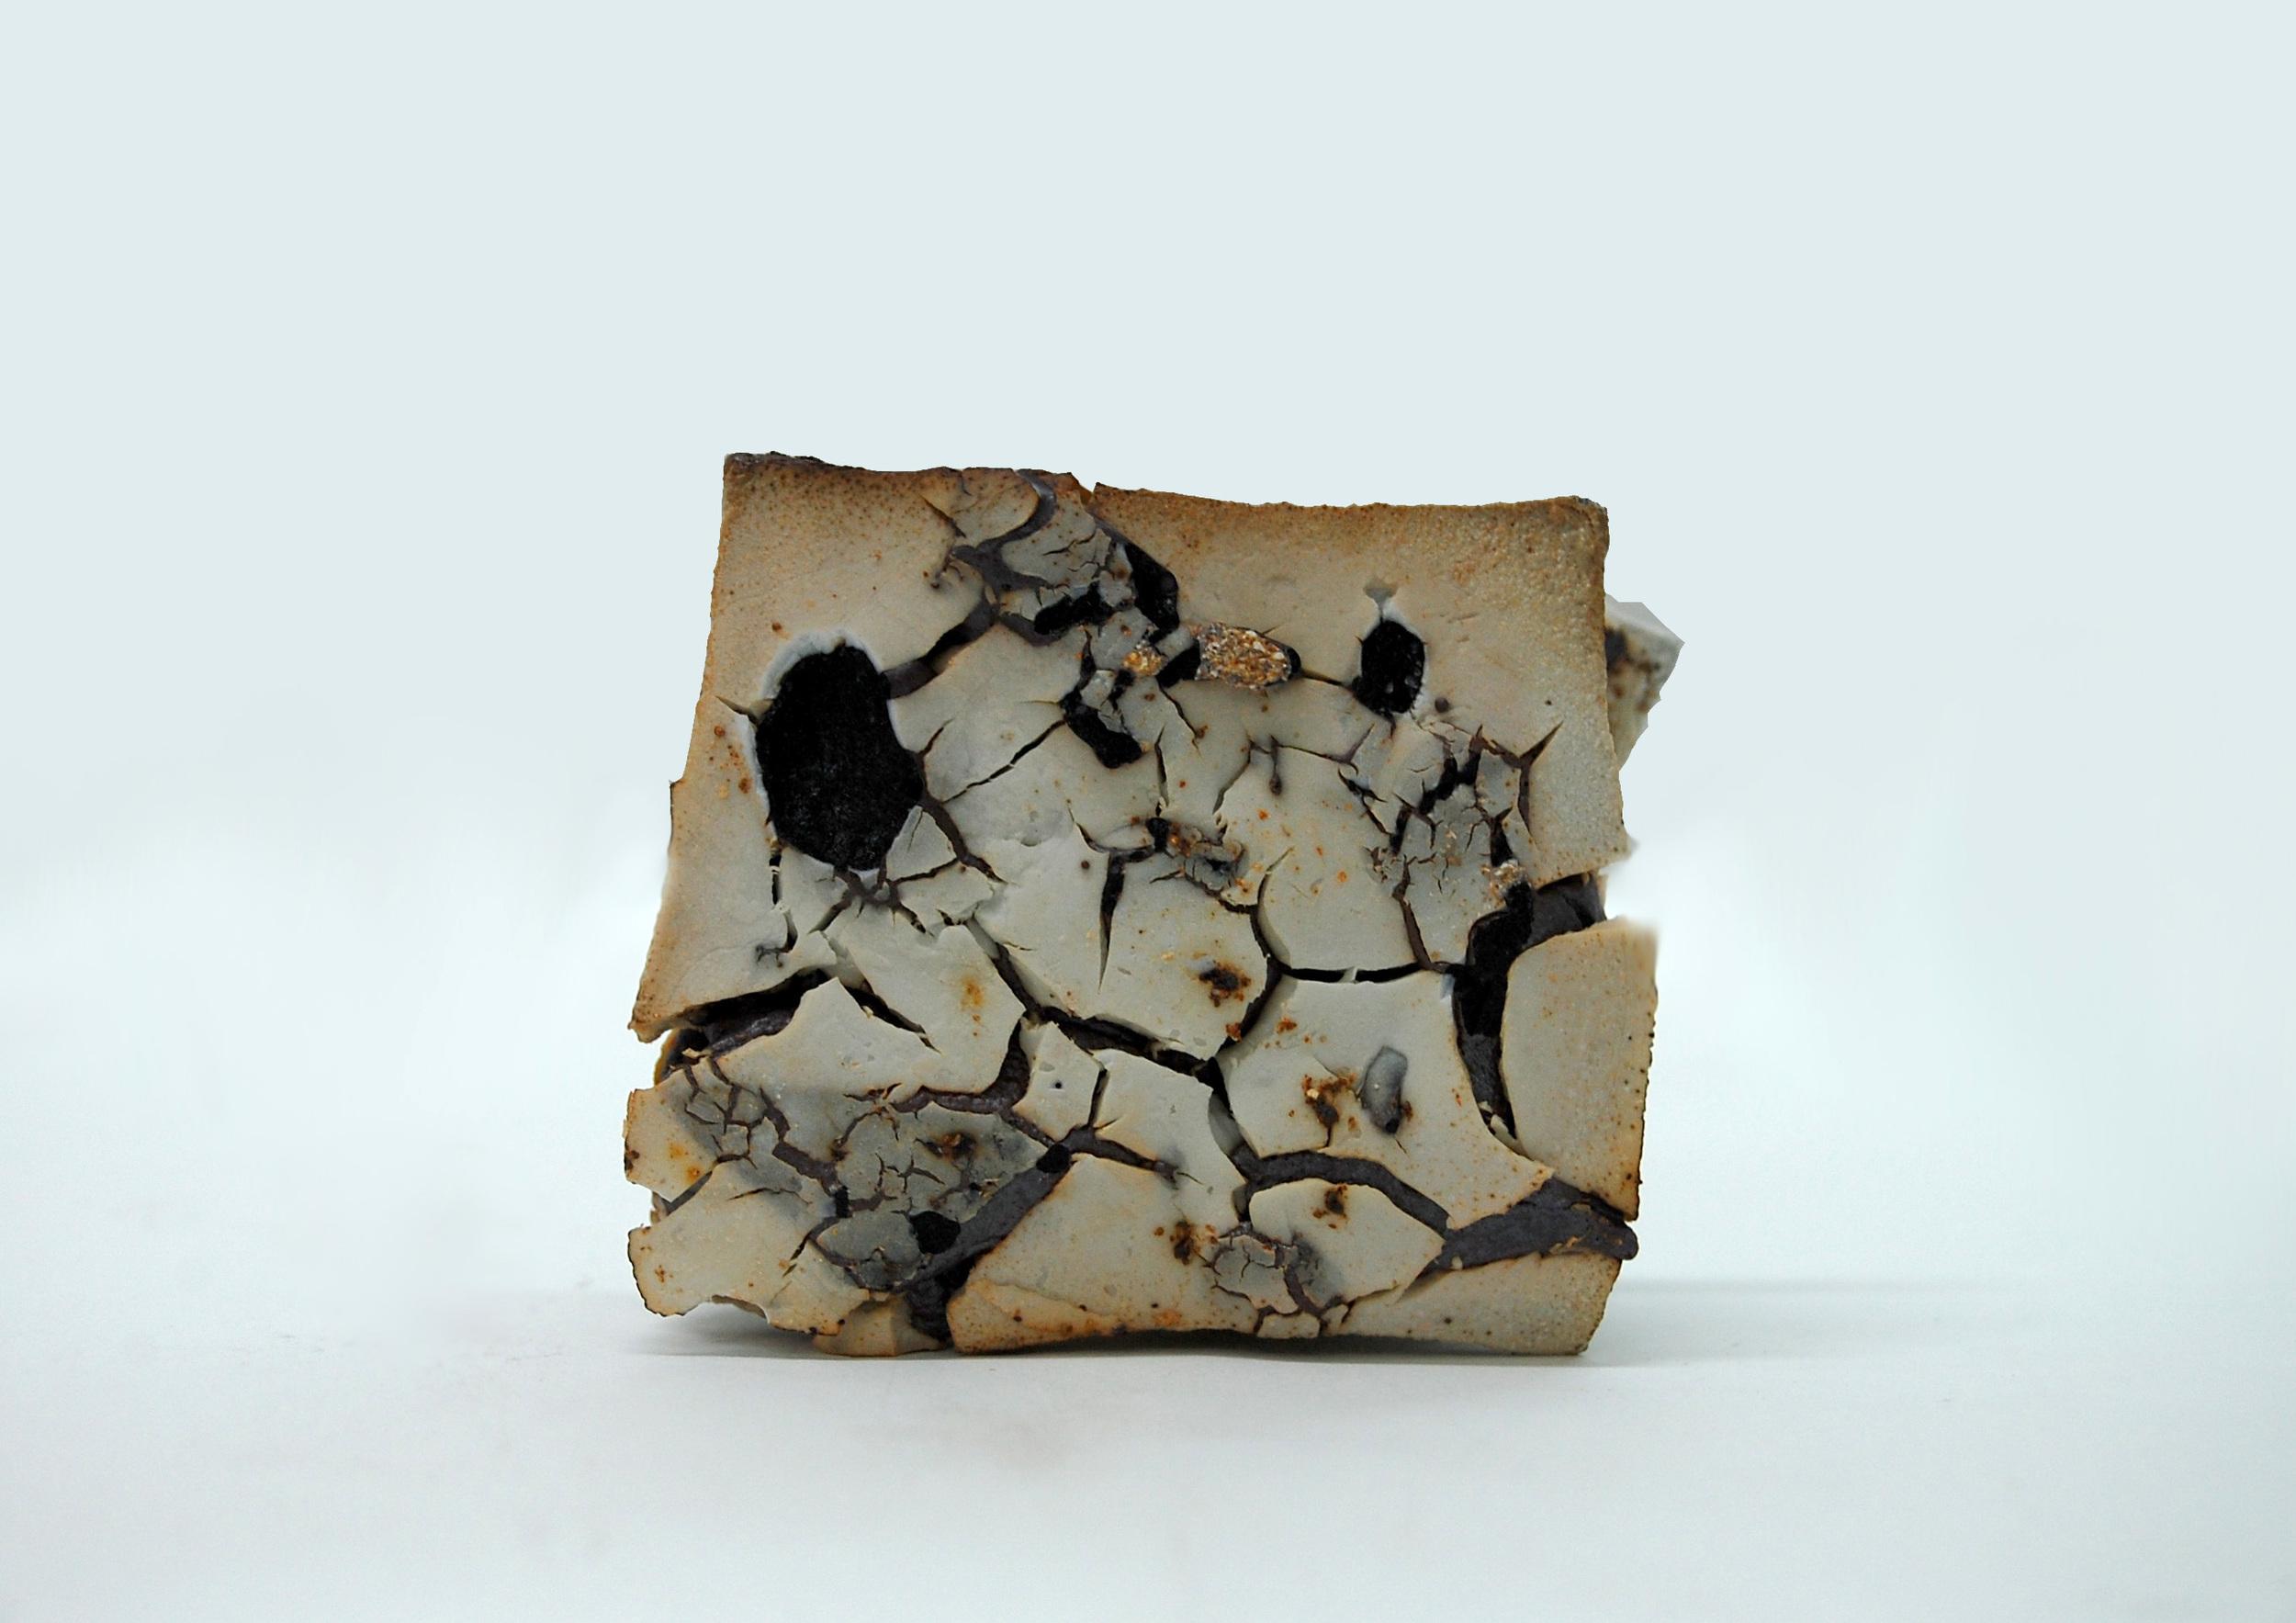 Porcelain + Plant Ash